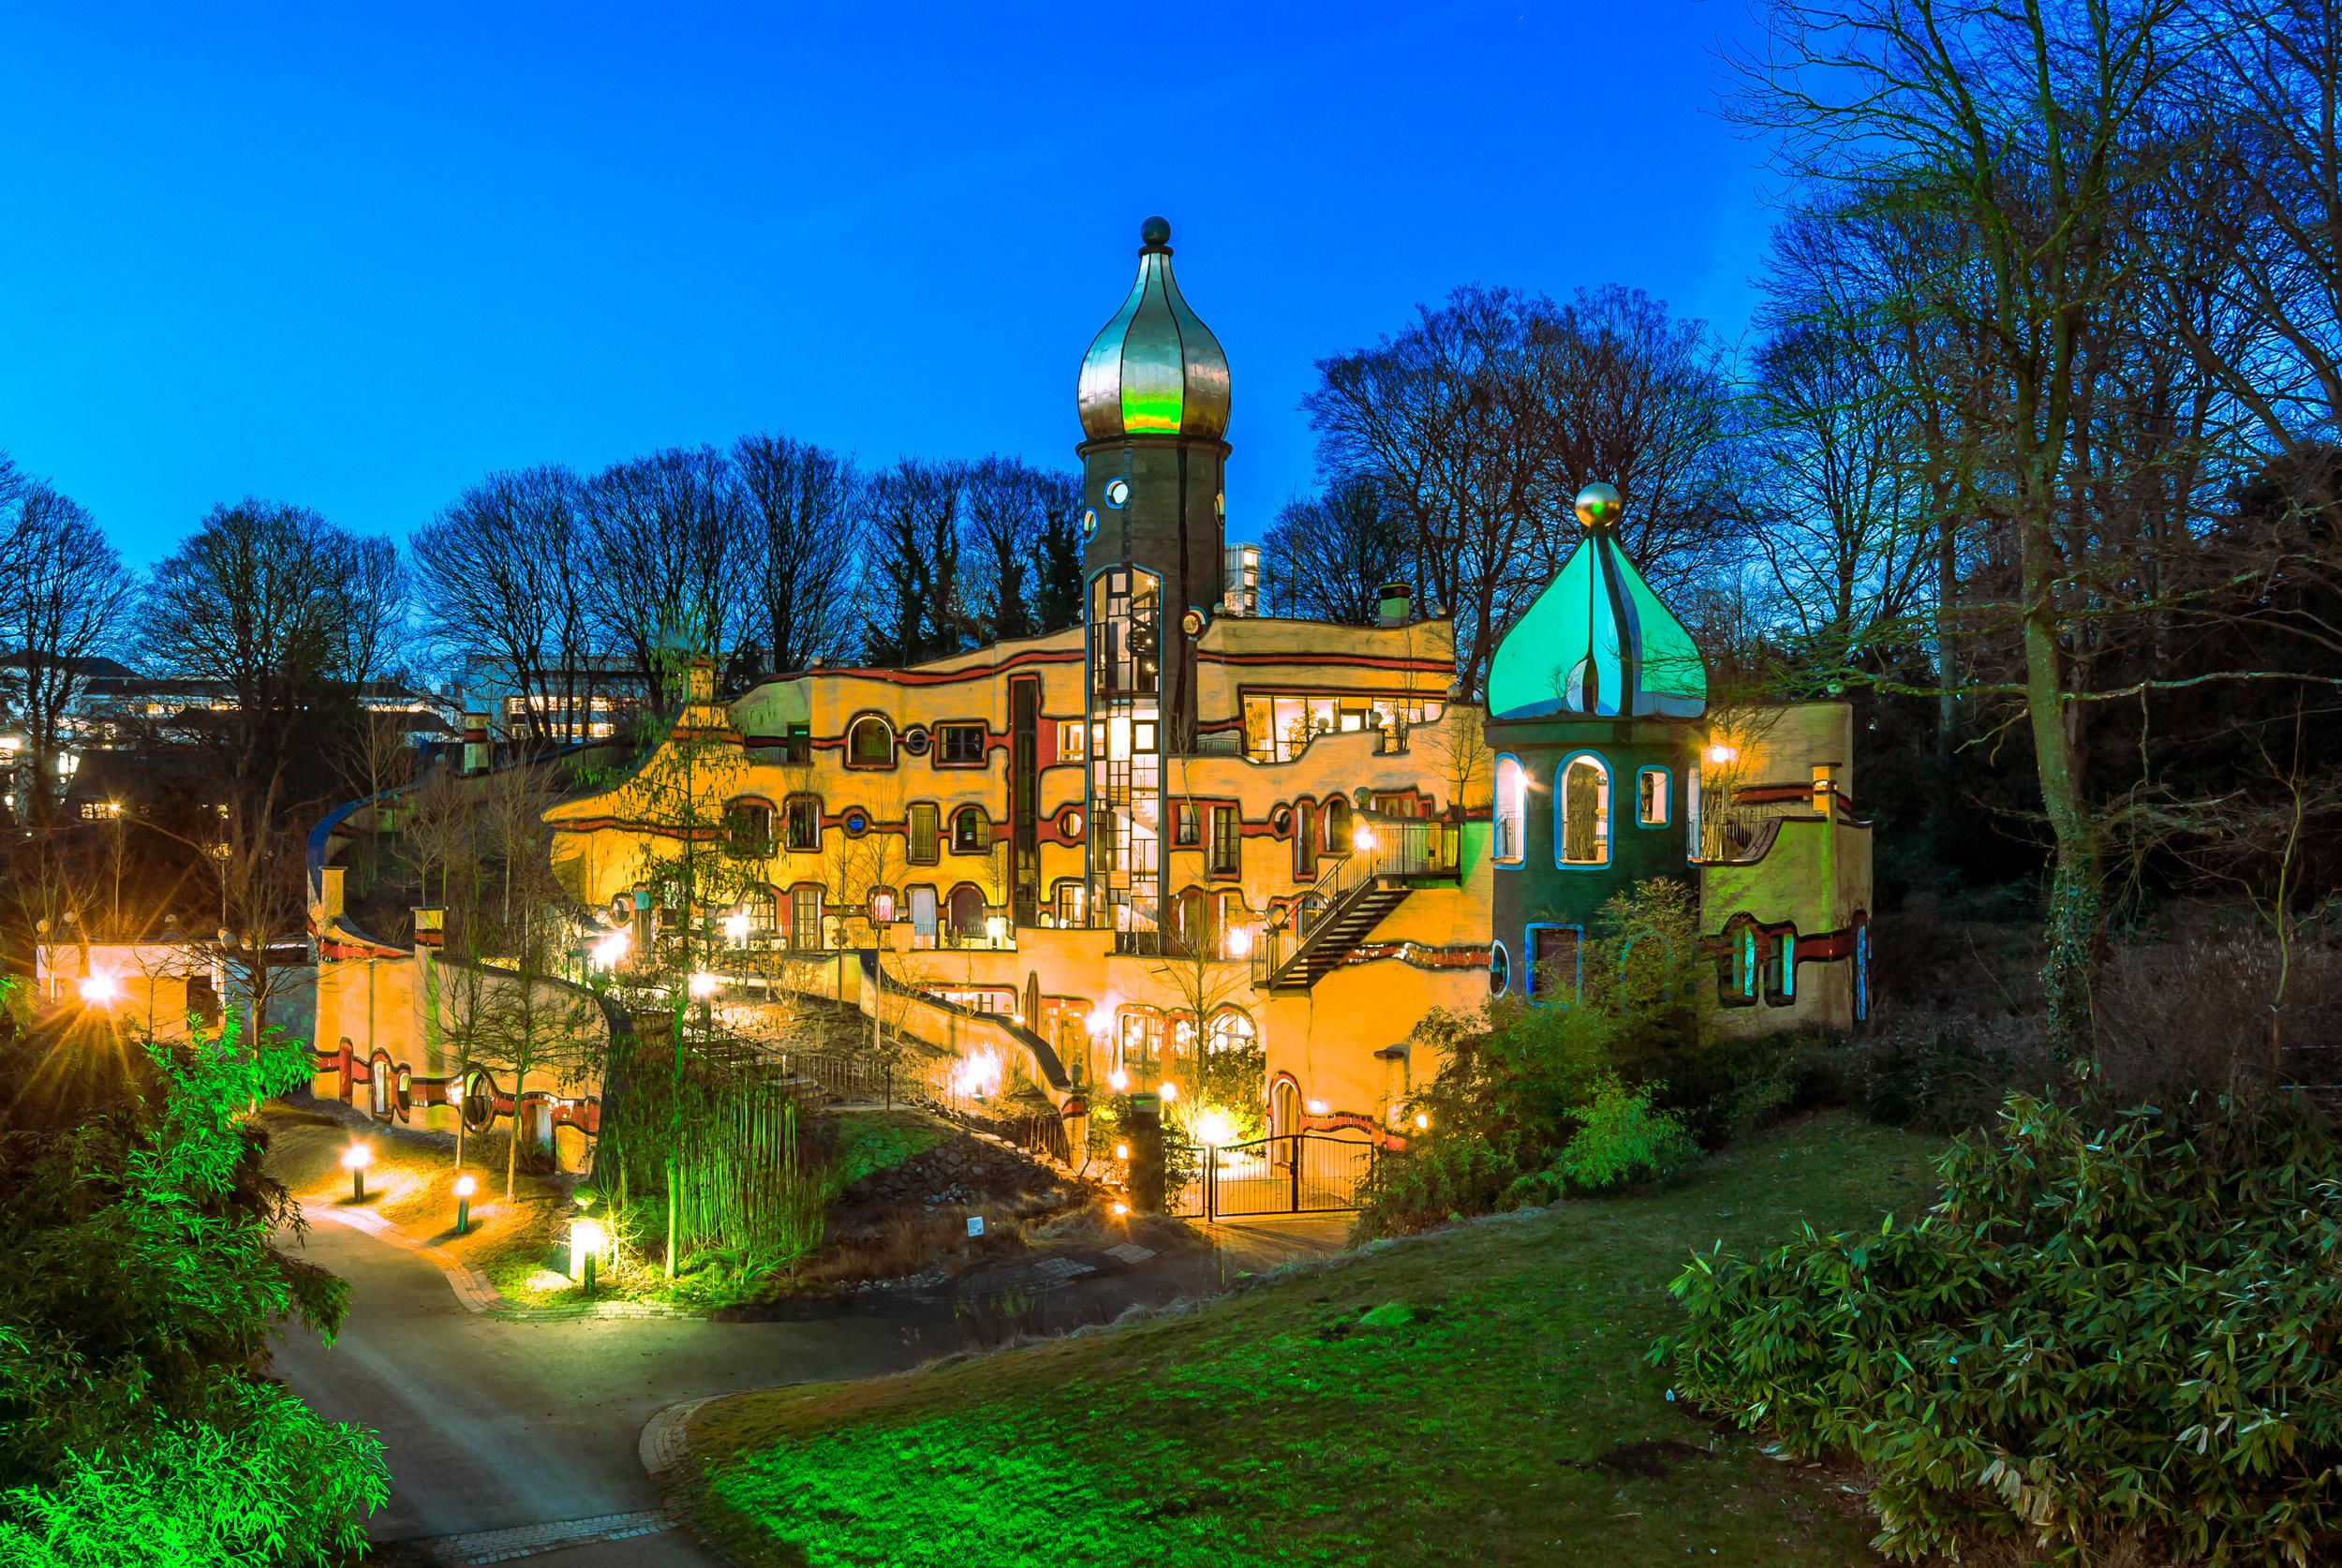 Hundertwasserhaus, Essen /Friedensreich Hundertwasser / Architekturbüro Springmann /  Foto: Georg Sehrbrock; Die Lichtreporter